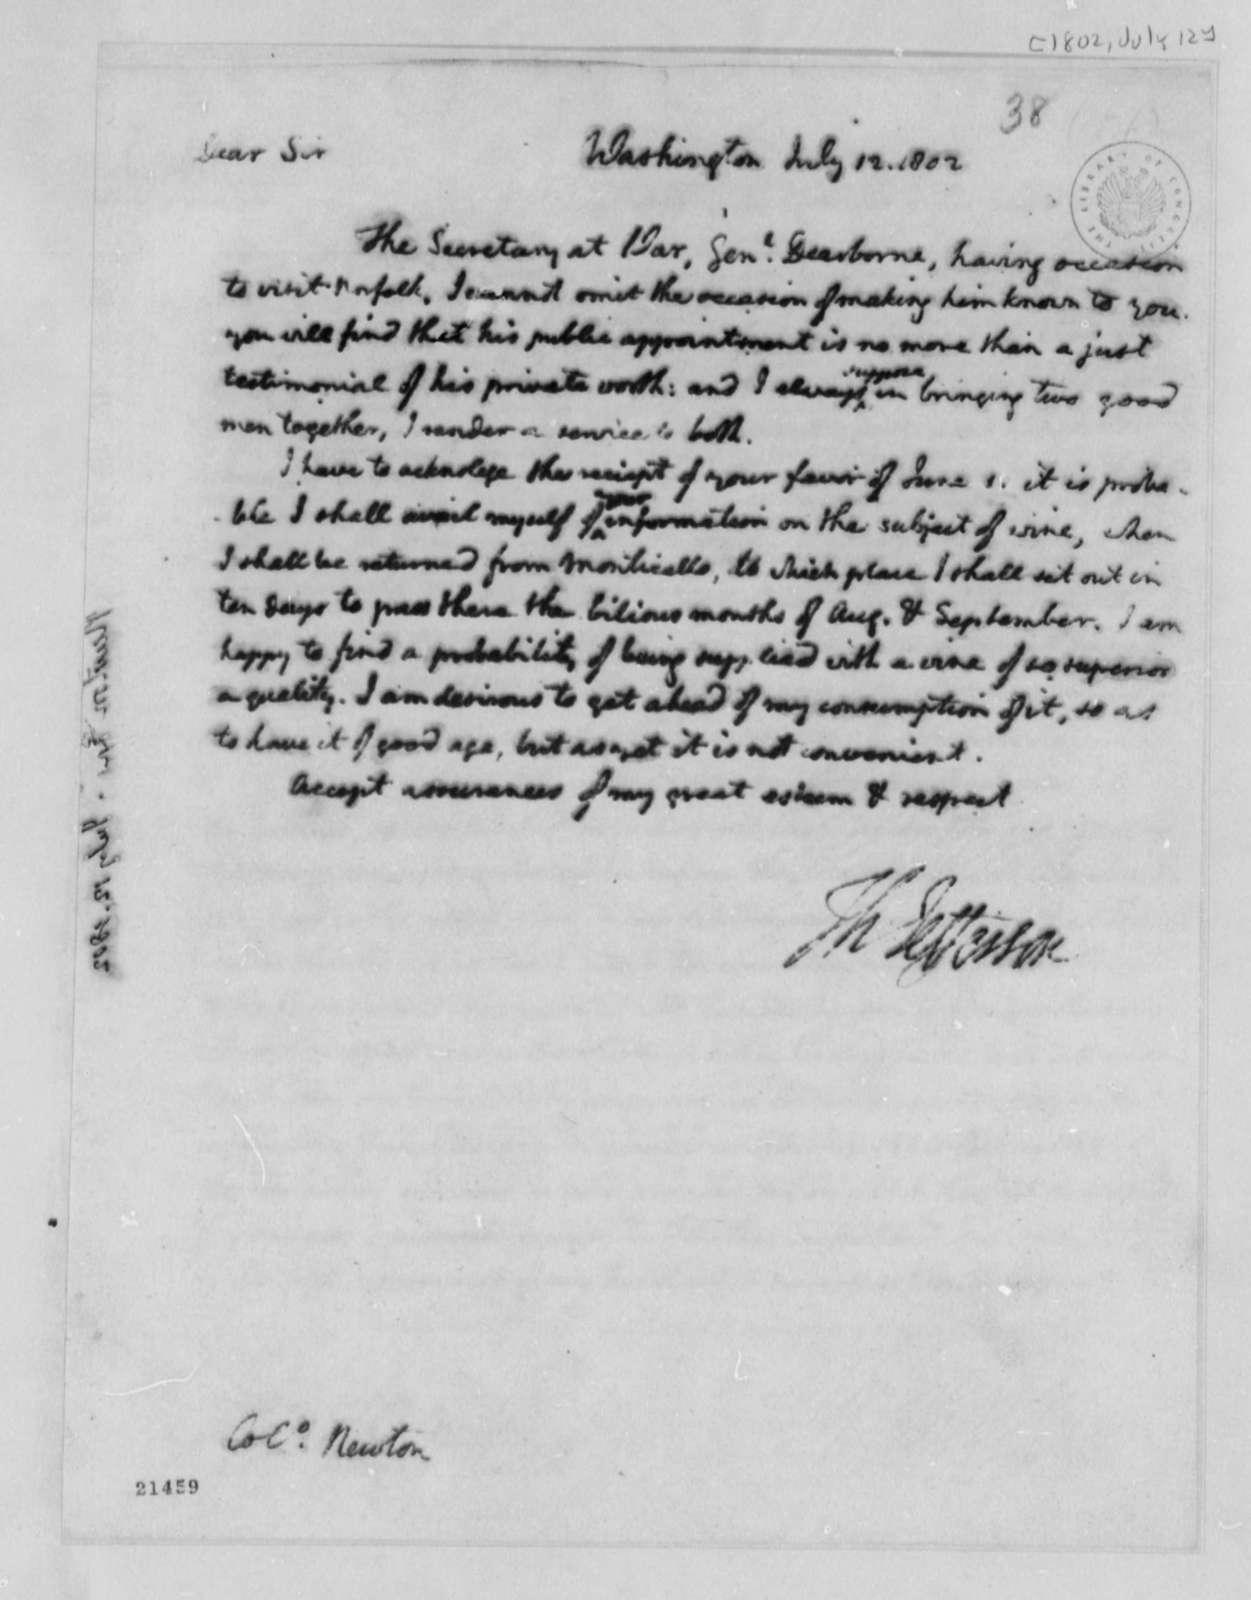 Thomas Jefferson to Thomas Newton, July 12, 1802